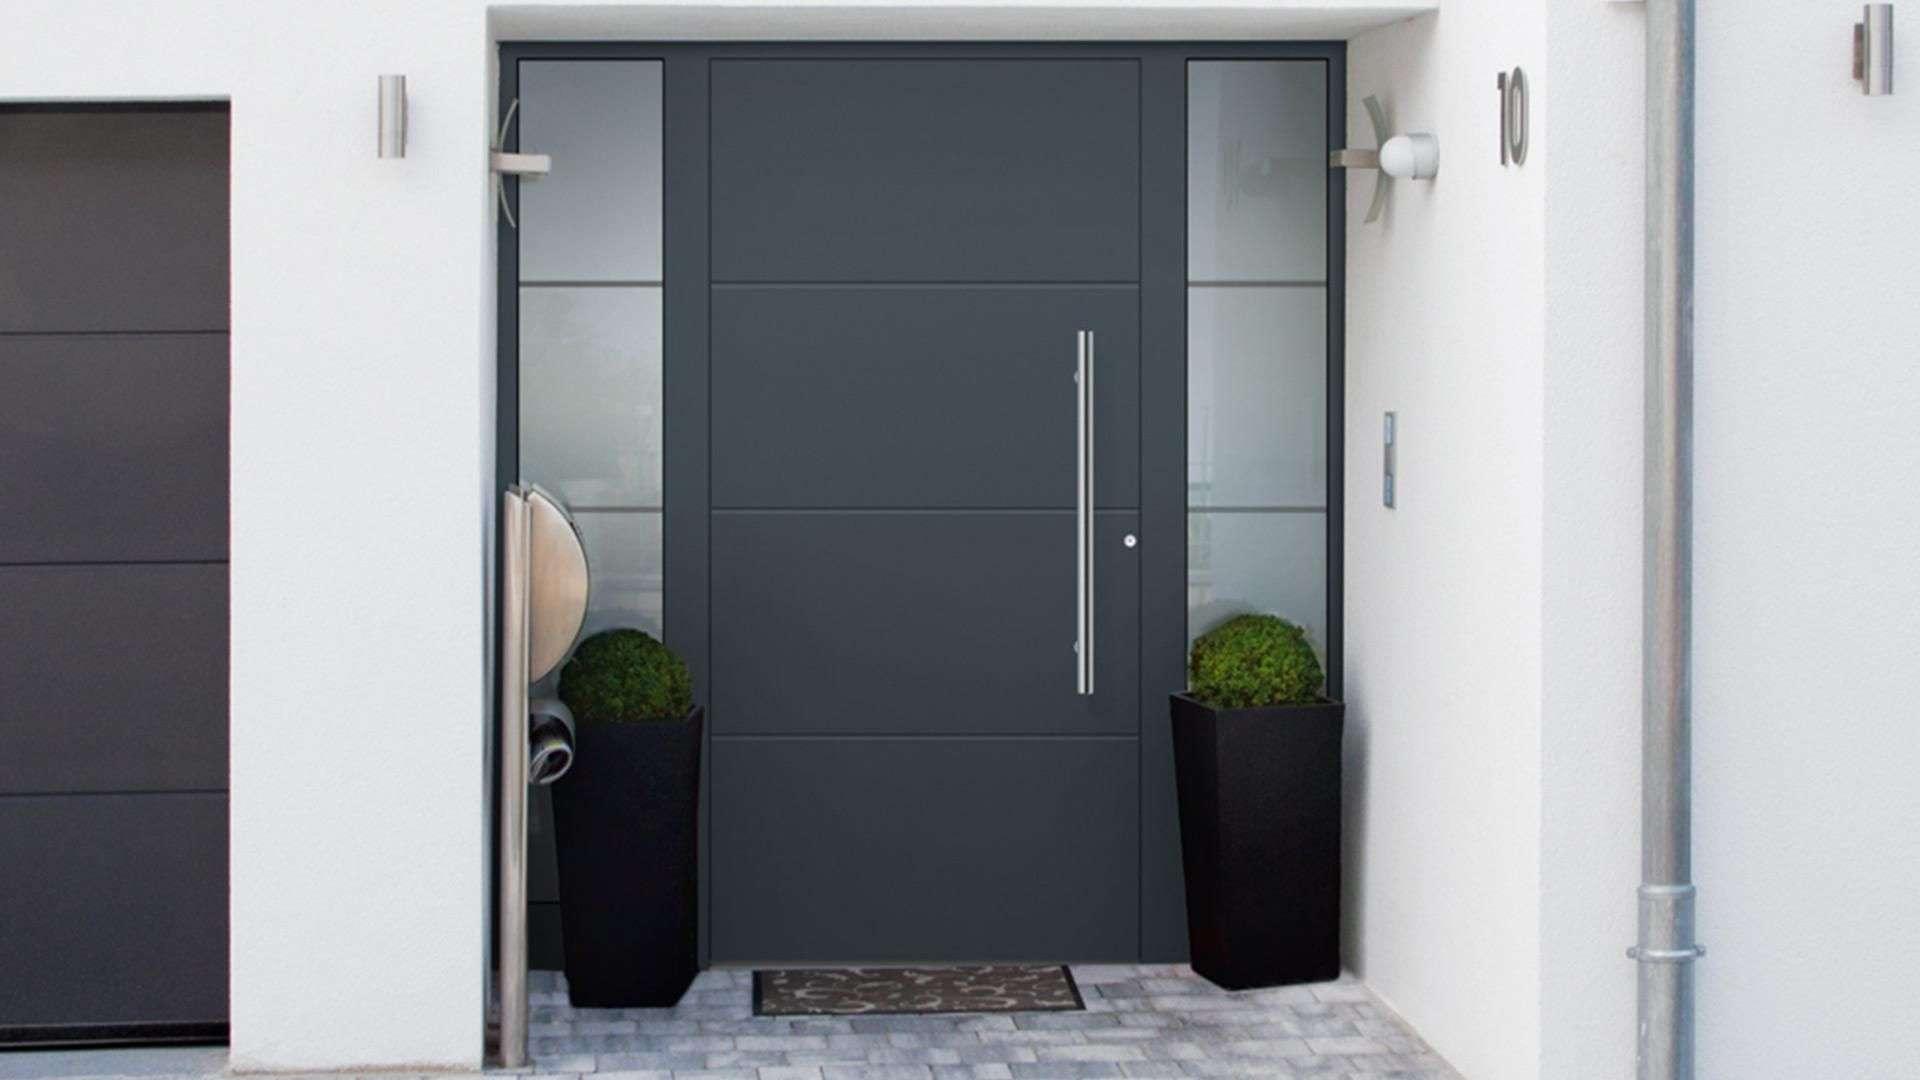 graue Haustür mit Glas rechts und links in weißer Fassade